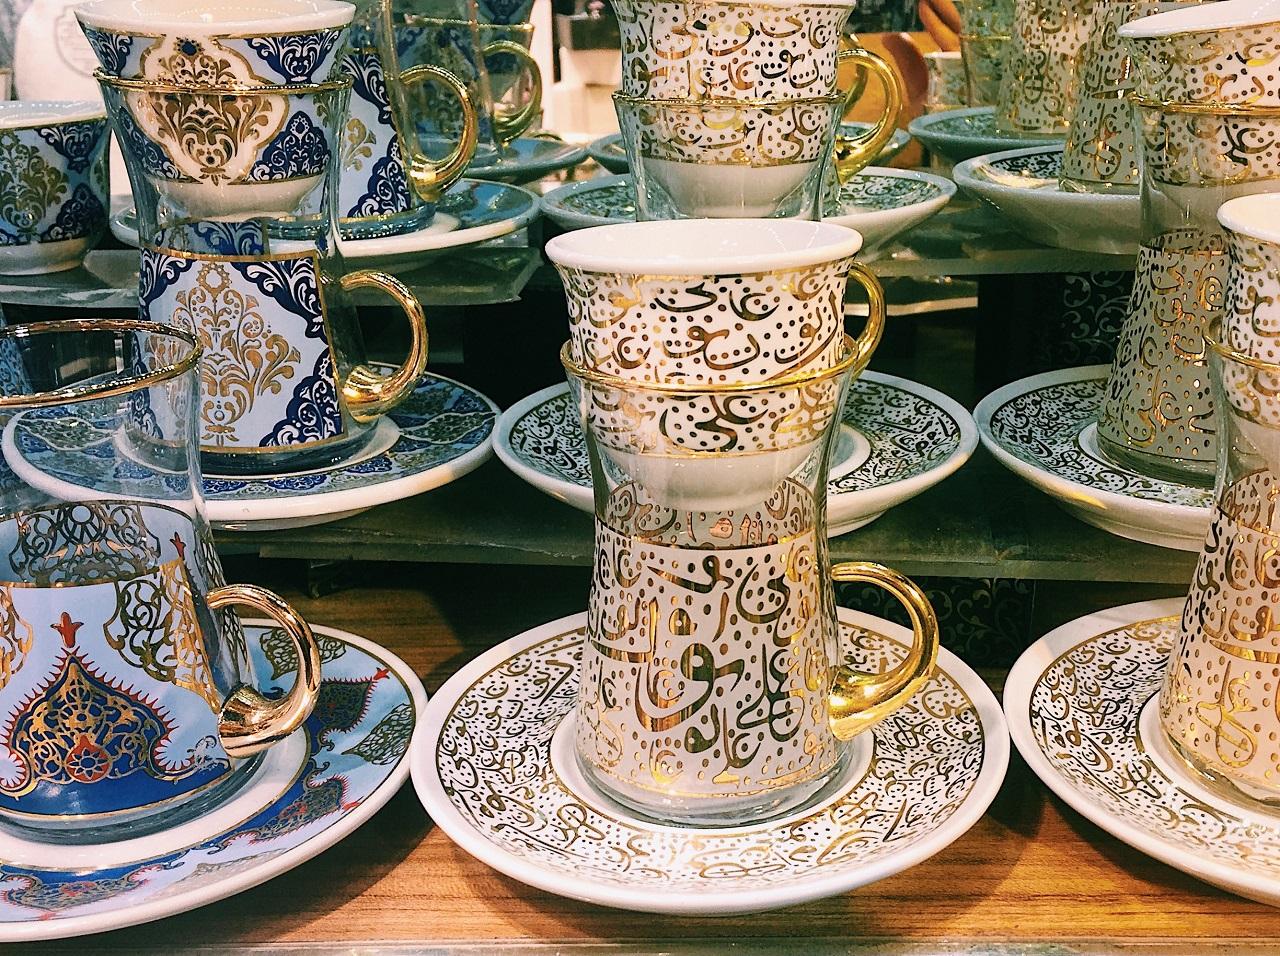 トルココーヒーのカップとセットのチャイグラス